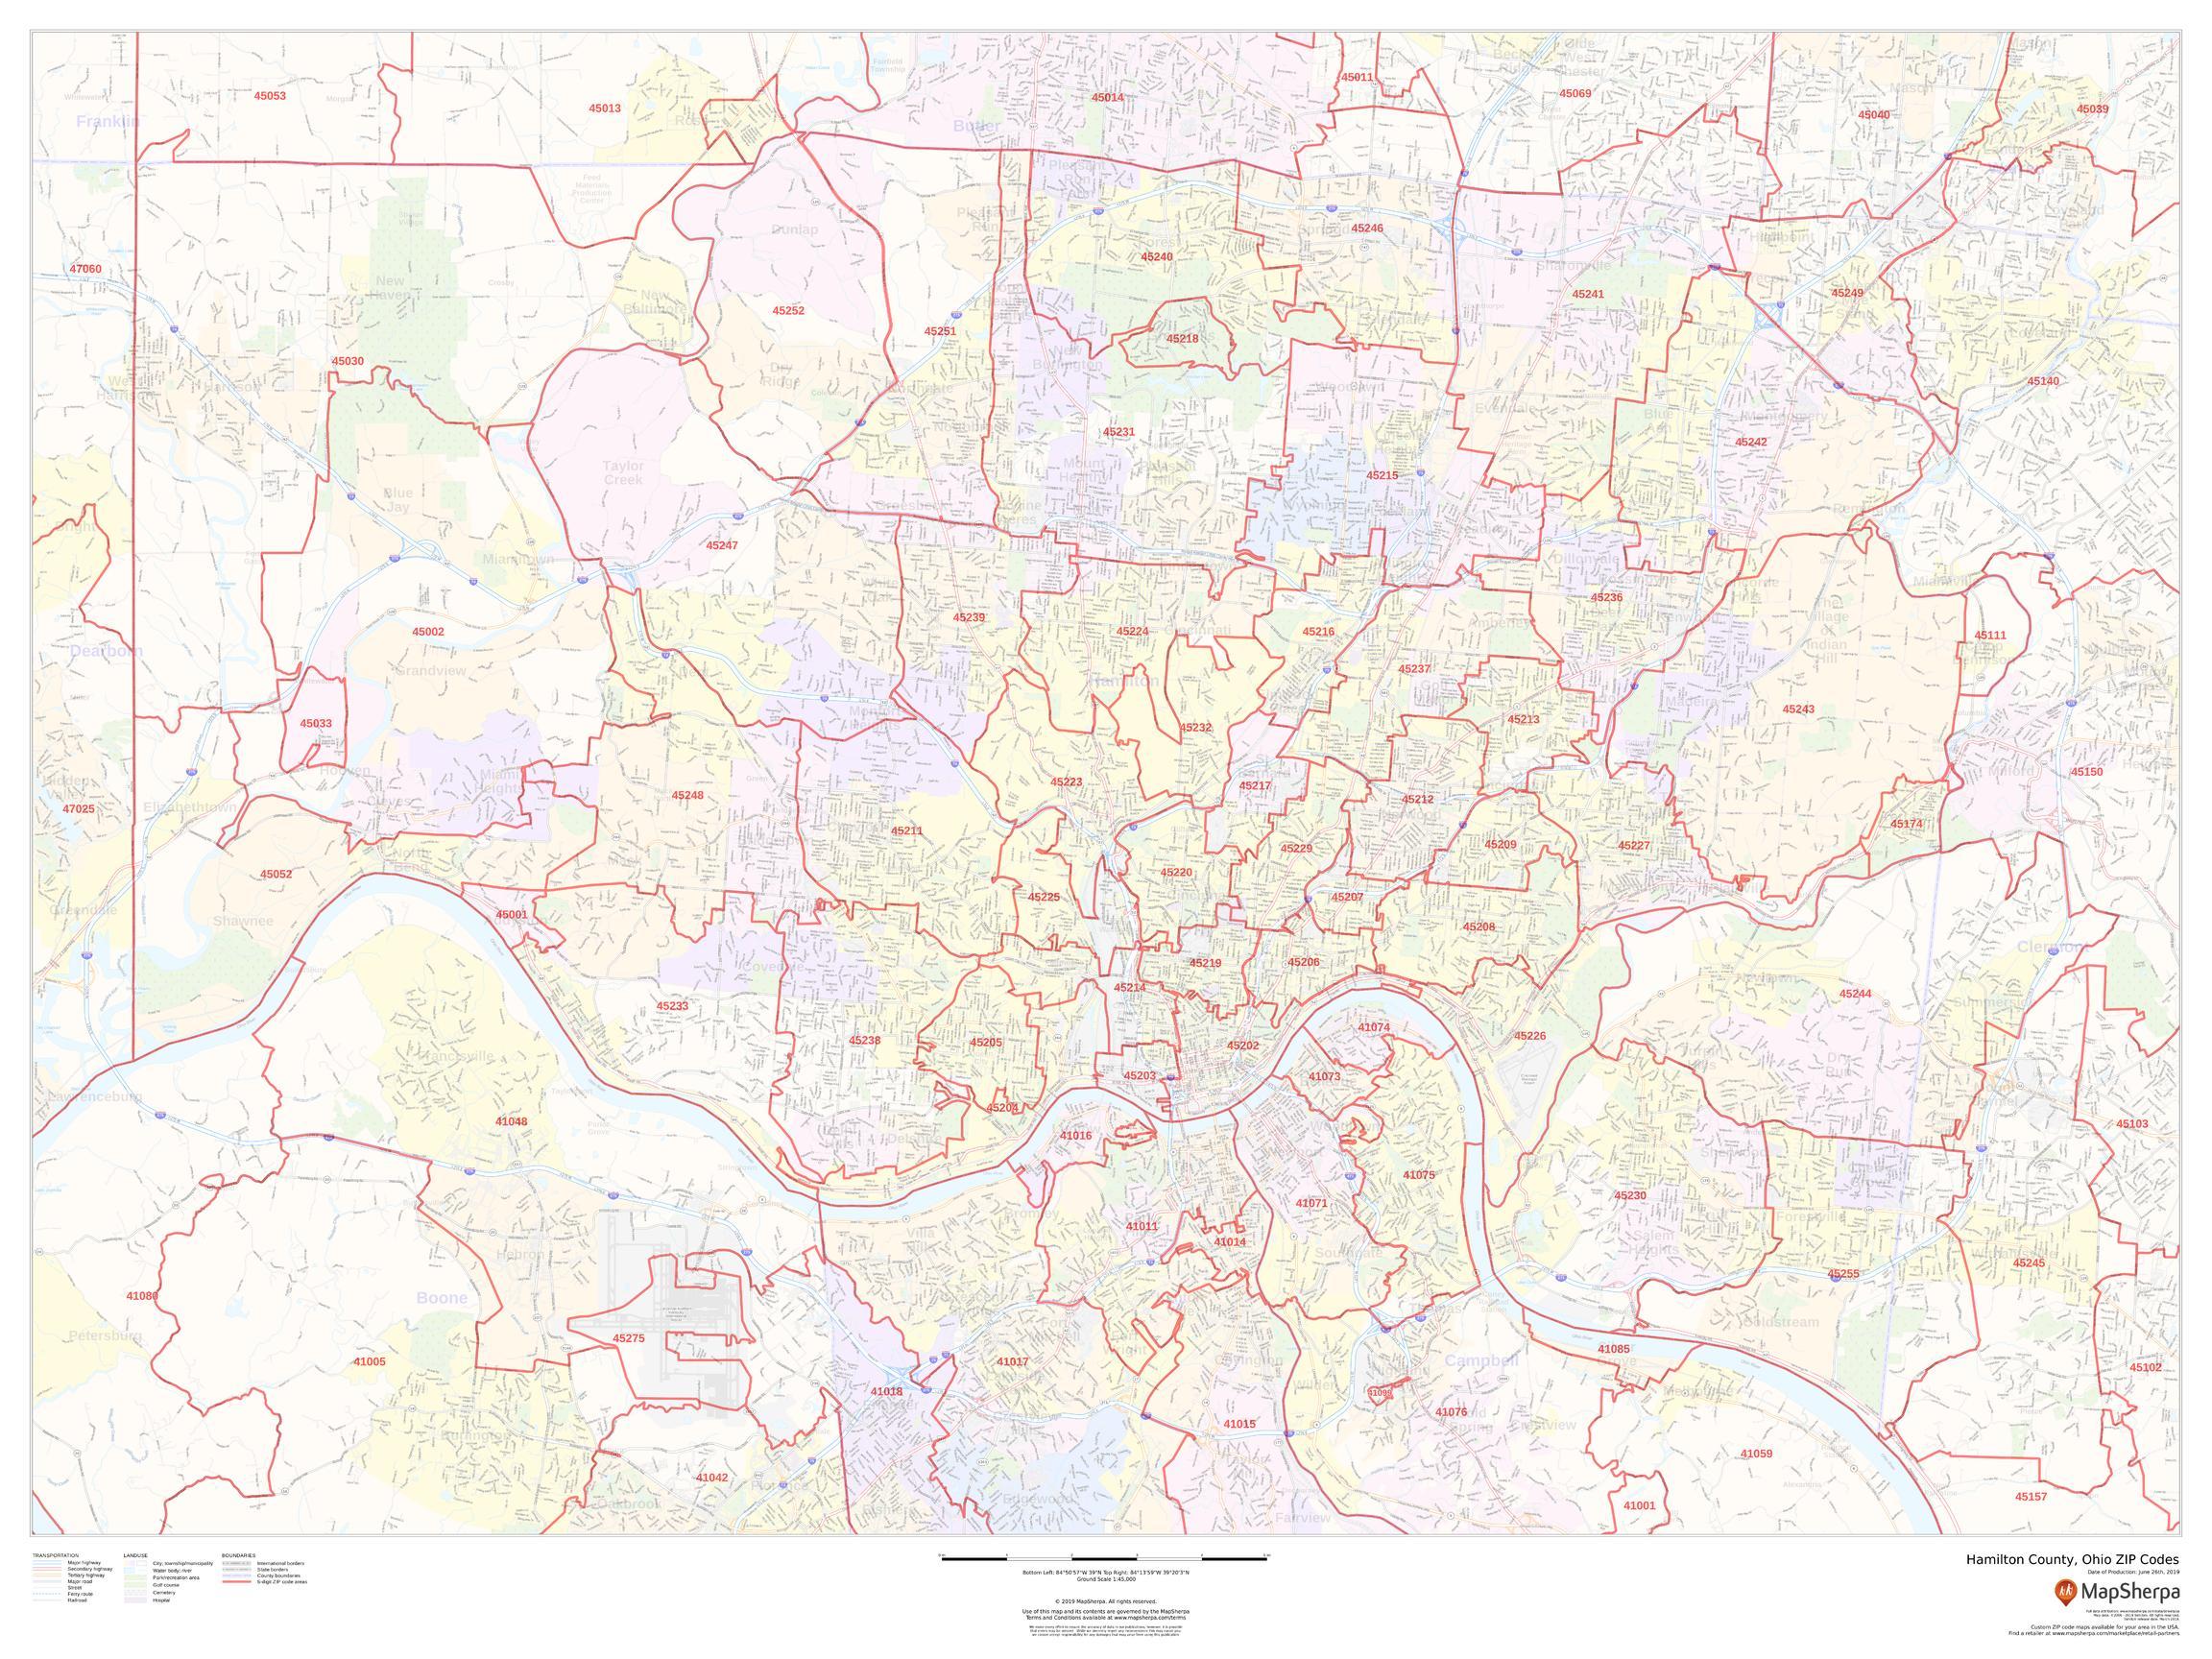 Hamilton County Ohio Zip Code Map